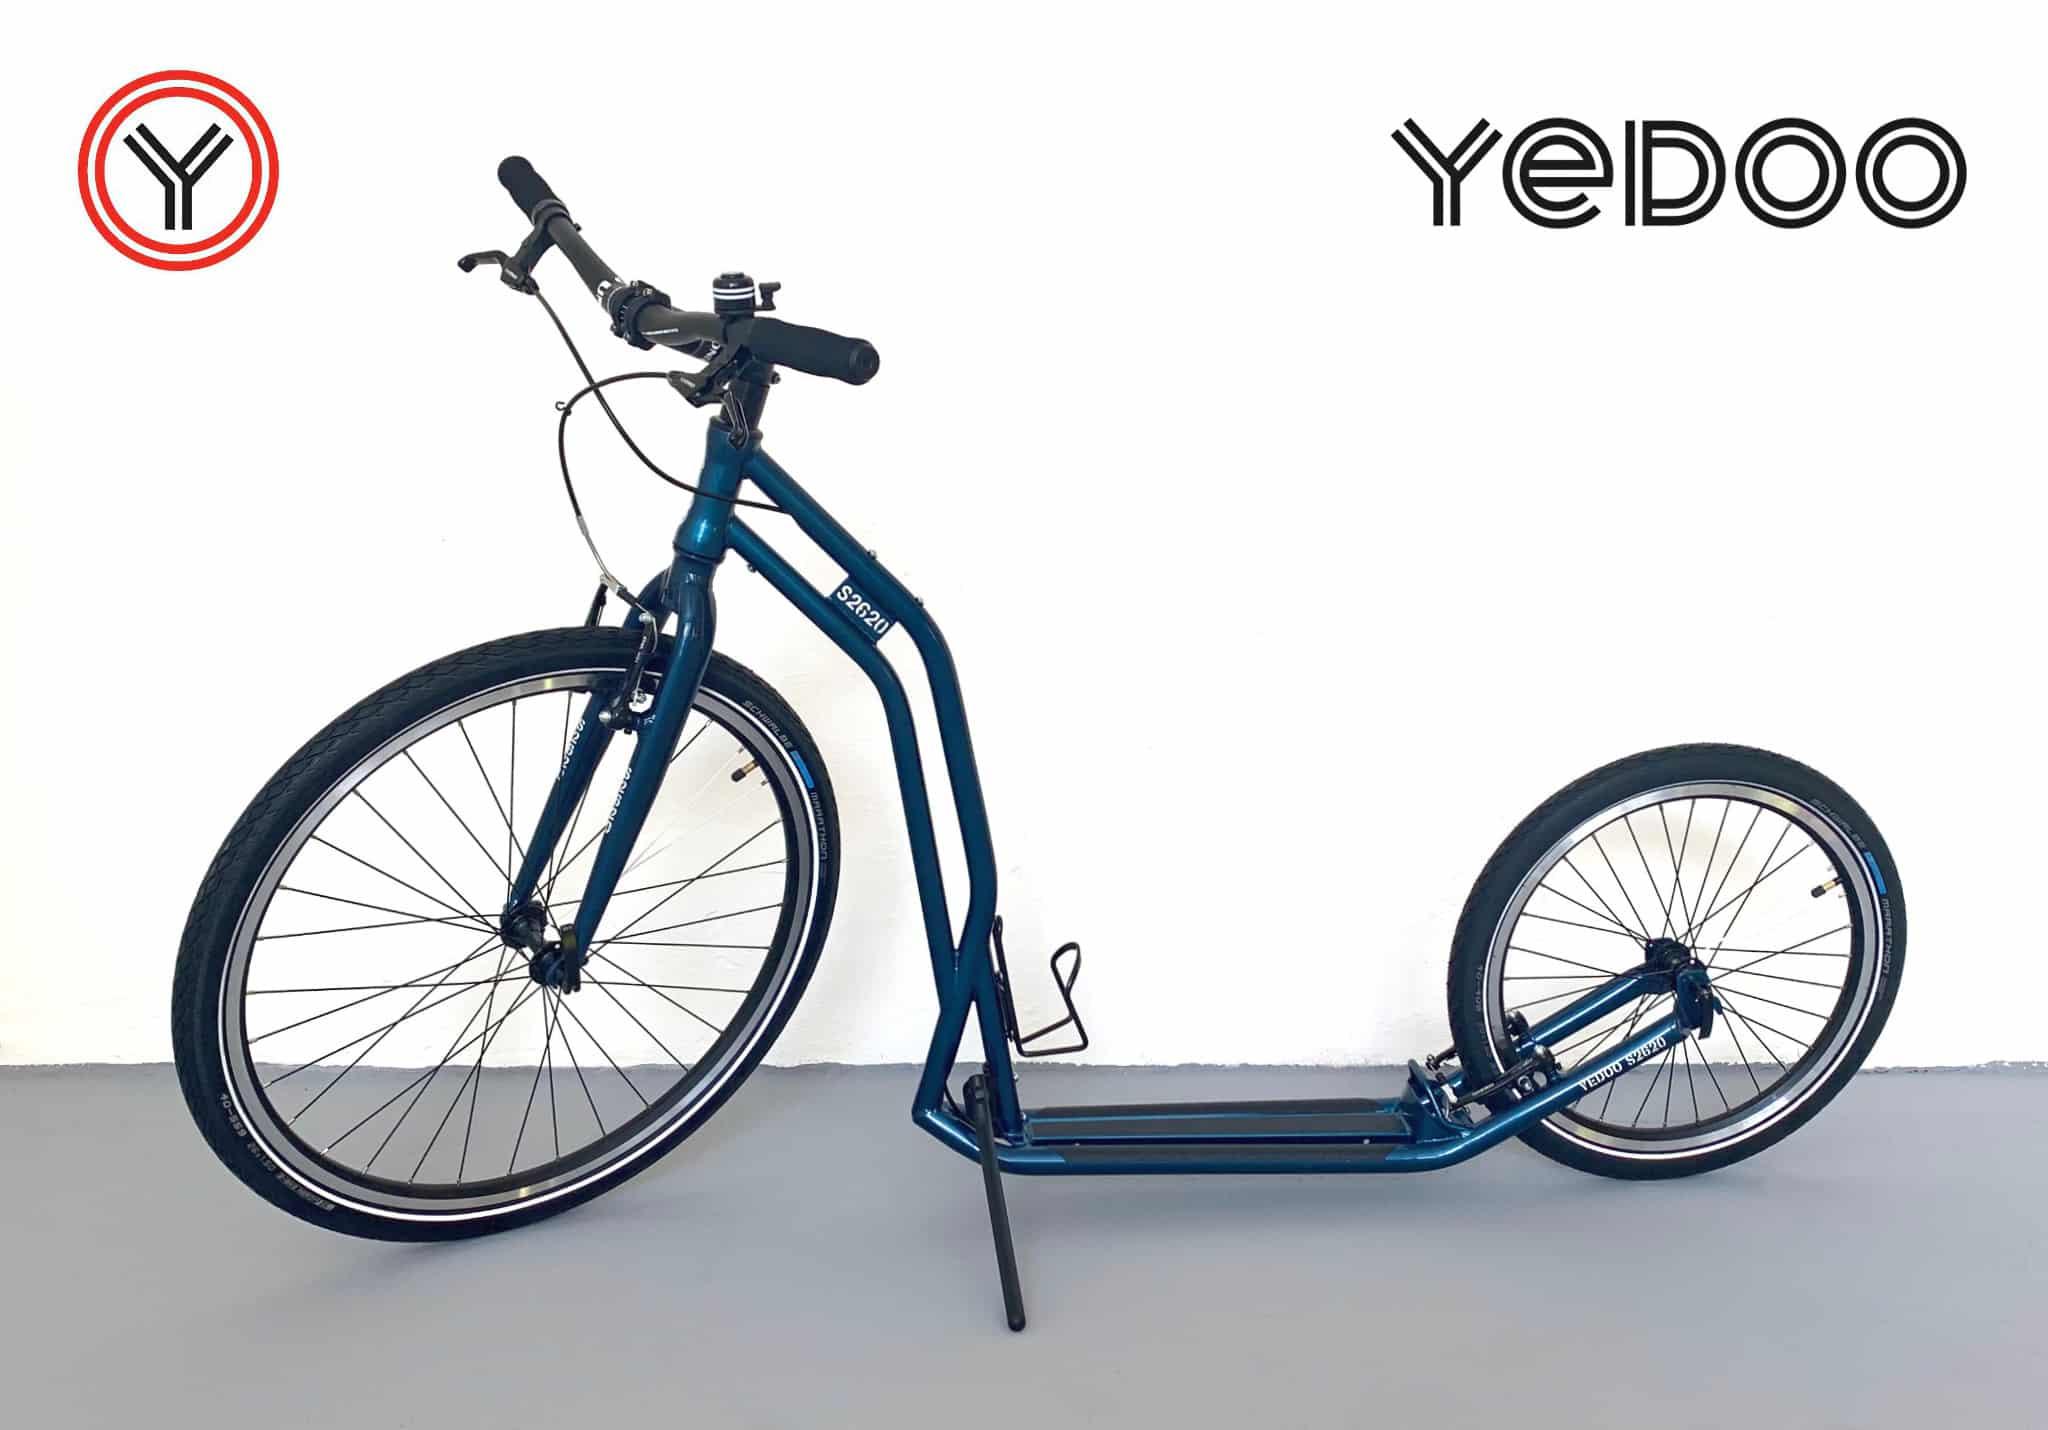 Druhá hlavní cena –koloběžka Yedoo Steel S2620 | sponzoruje Yedoo